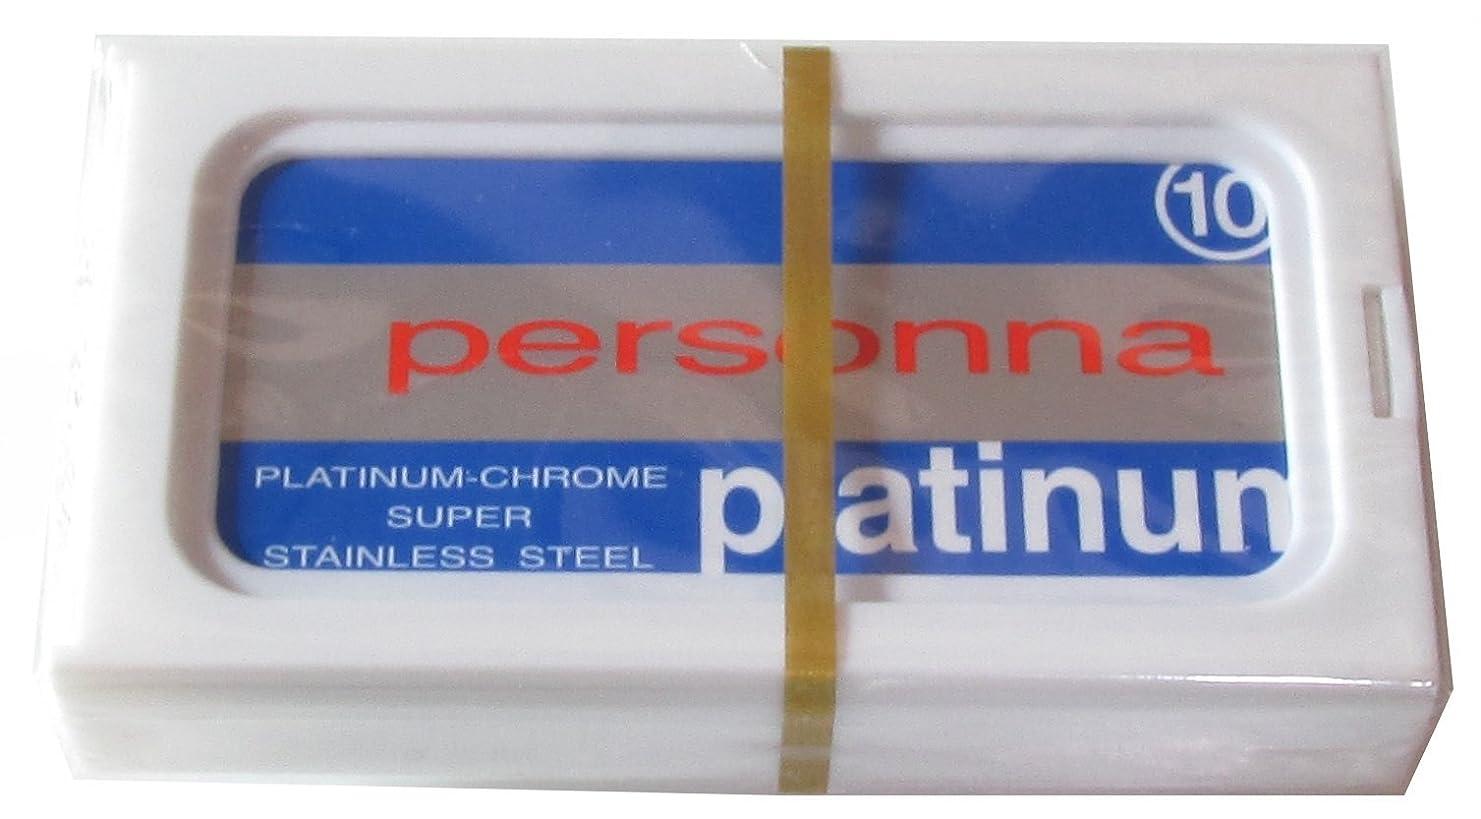 迷路紳士気取りの、きざな急ぐPersonna Platinum (Israeli Reds) 両刃替刃 200枚入り(10枚入り20 個セット)【並行輸入品】